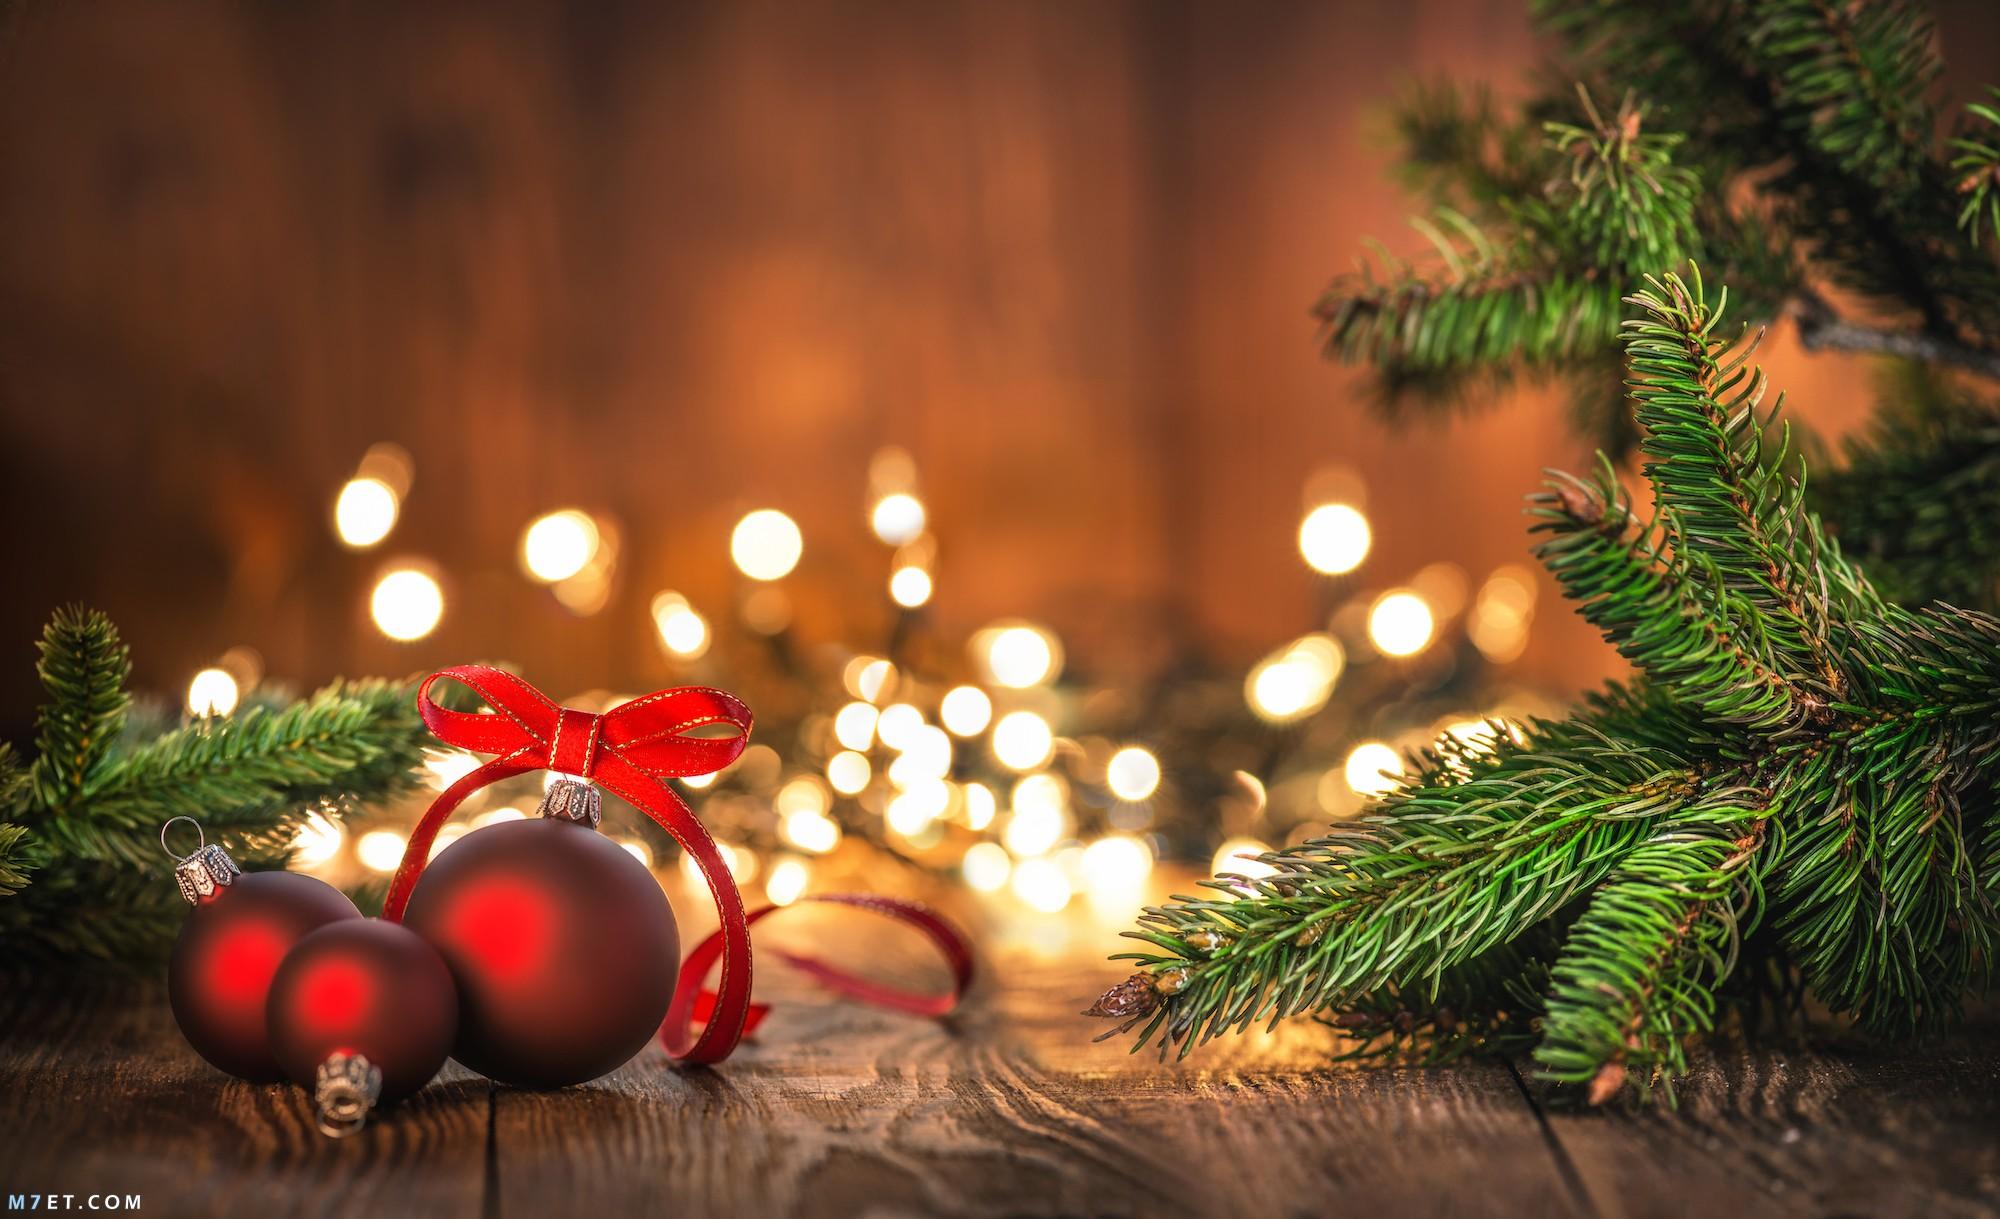 حكم الاحتفال بالكريسماس ورأس السنة